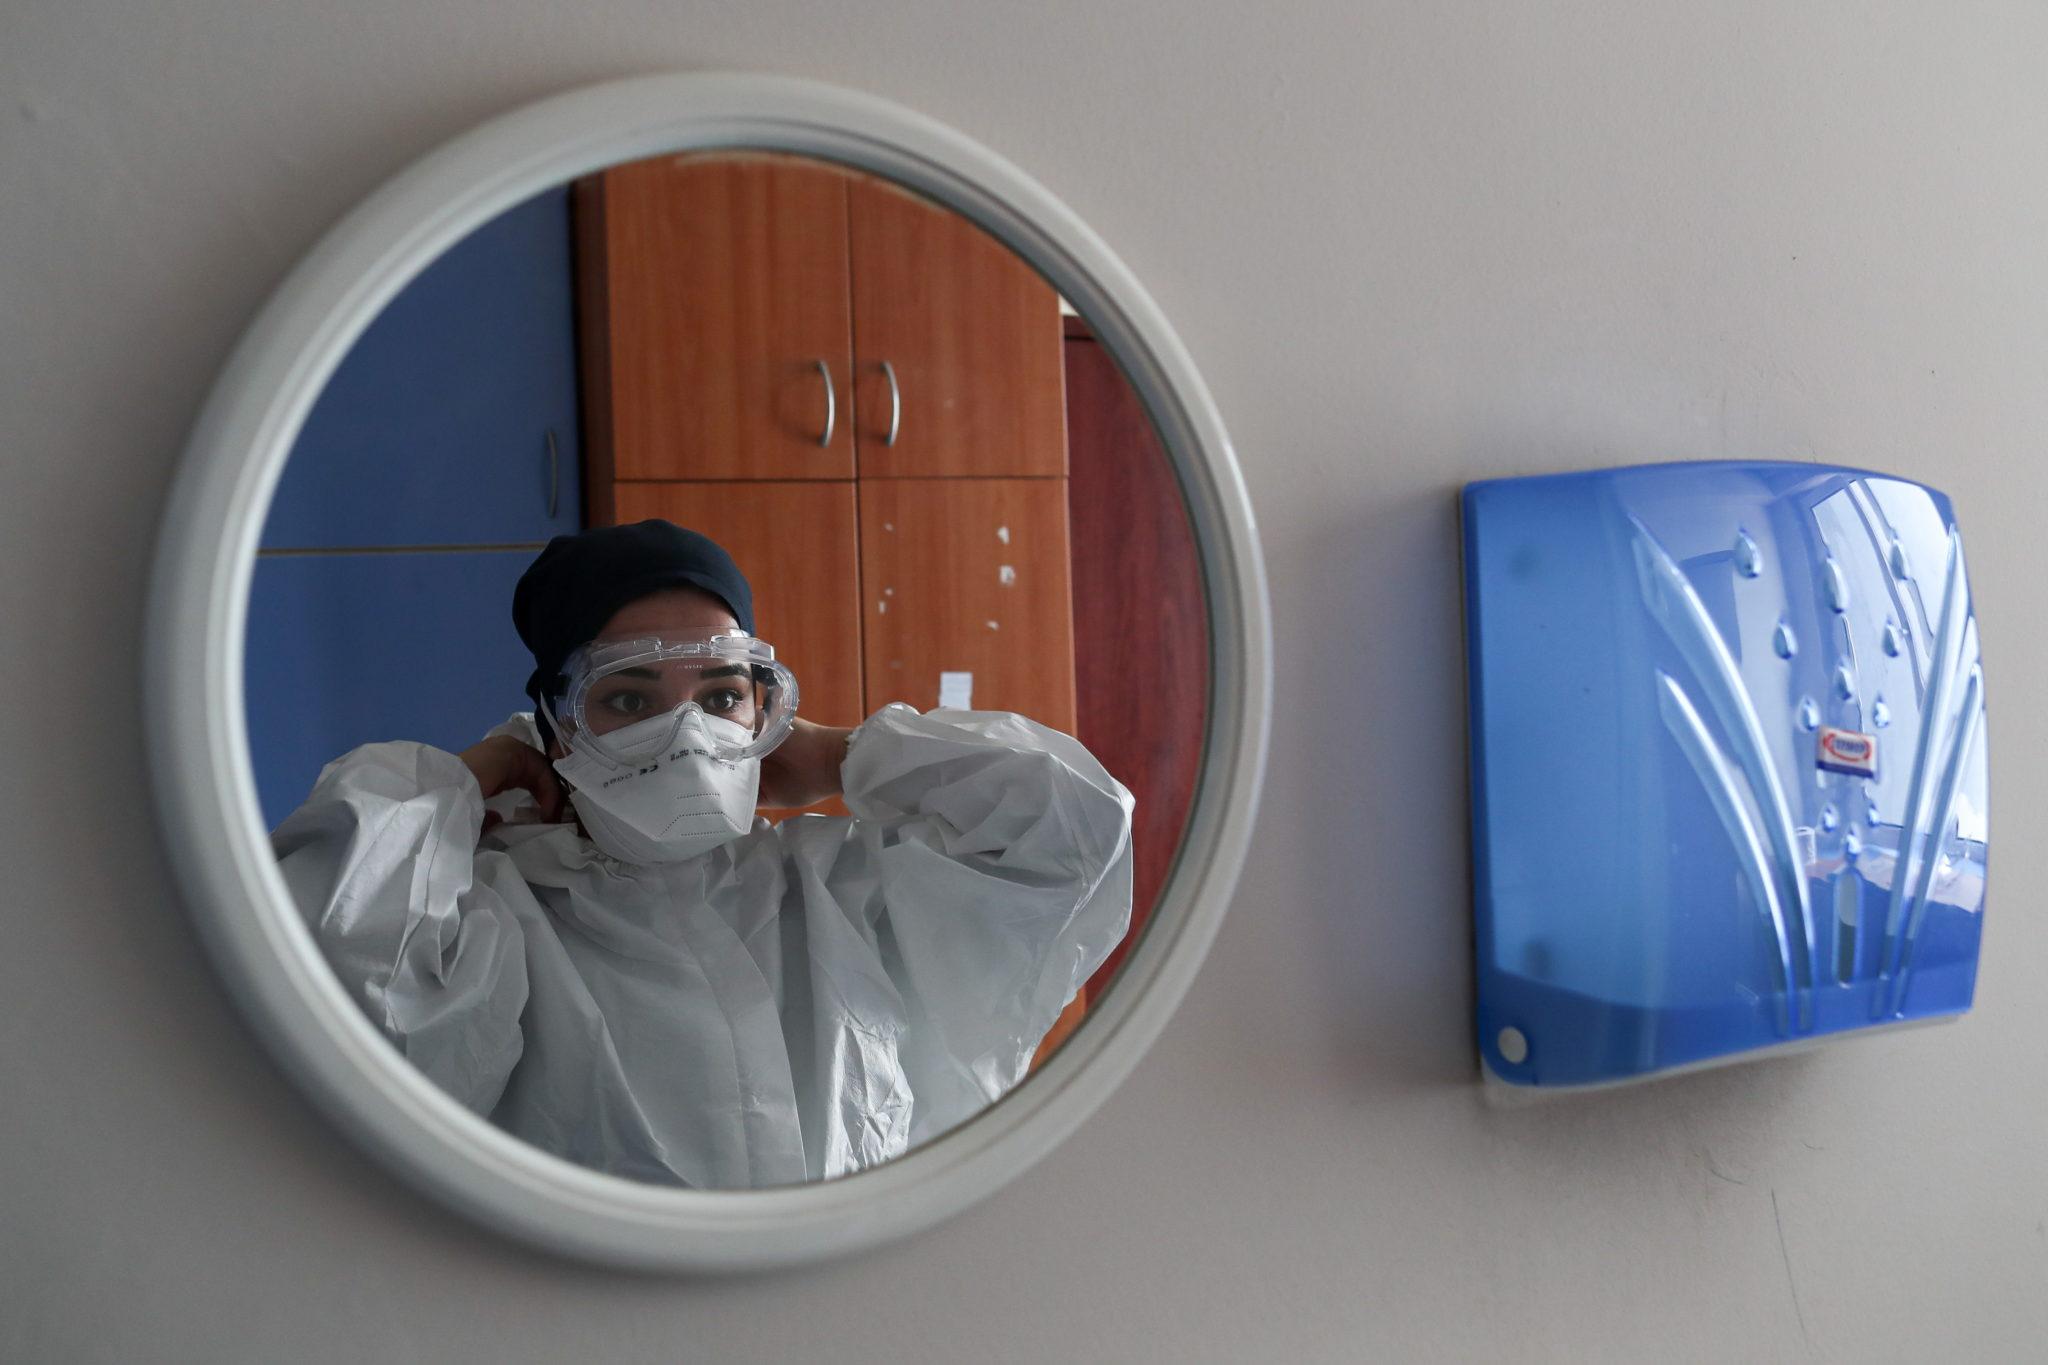 Szpital w Turcji. Fot. EPA/SEDAT SUNA